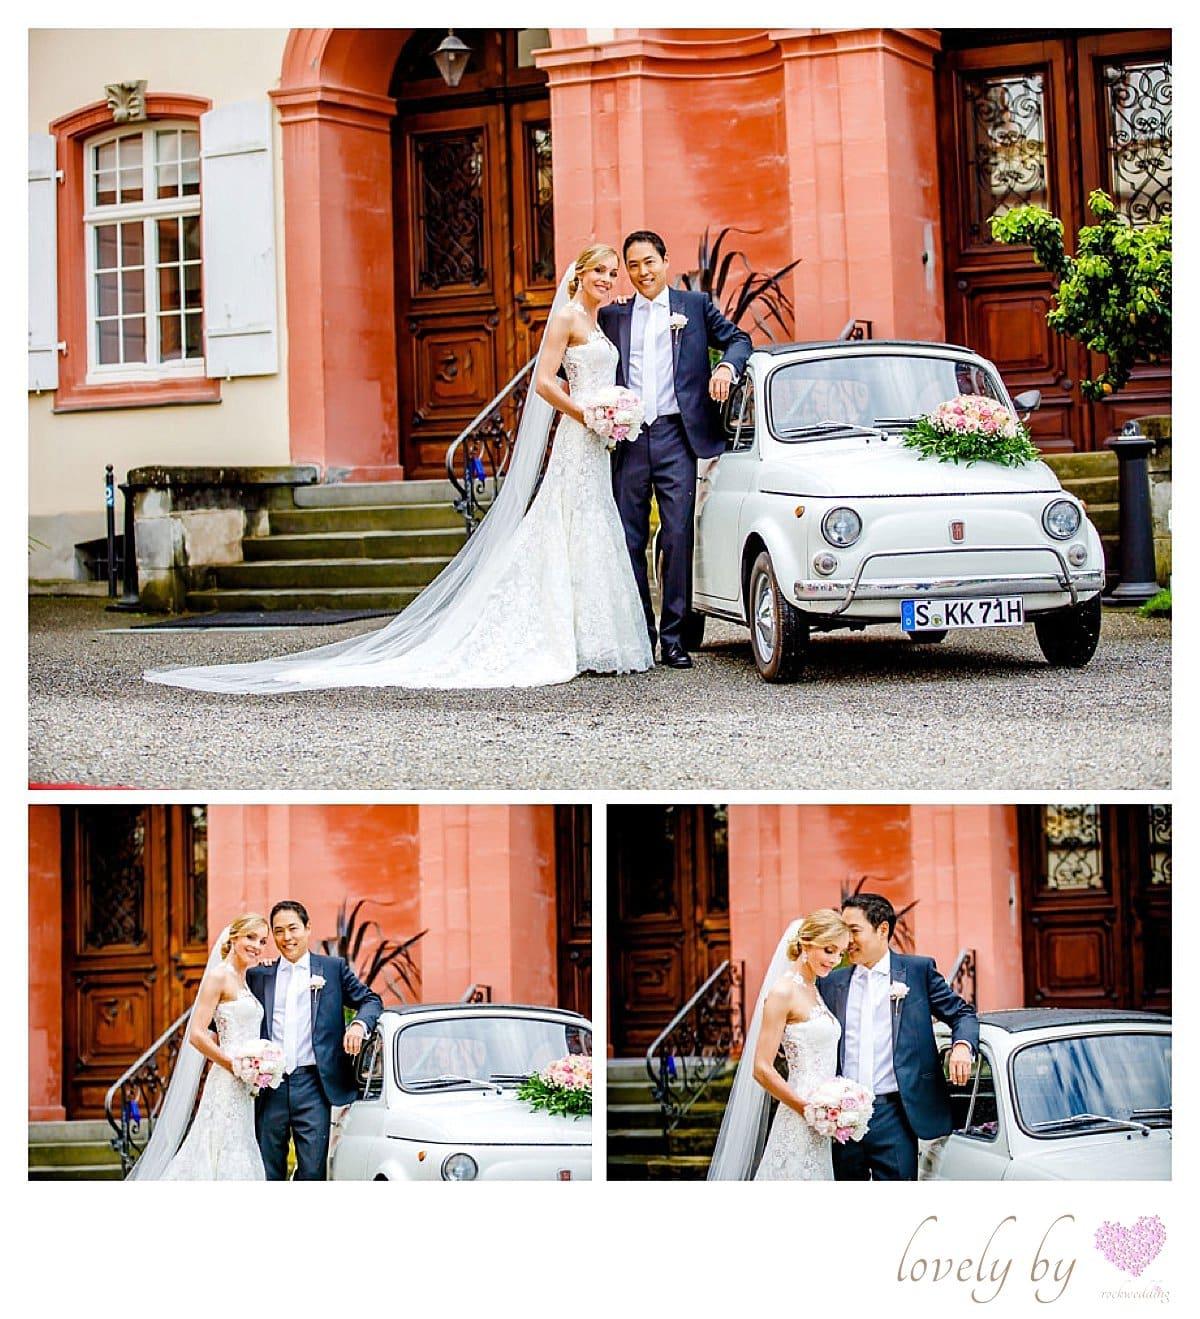 Hochzeit auf Insel Mainau am Bodensee, organisiert von rockwedding, Hochzeitsauto Fiat 500